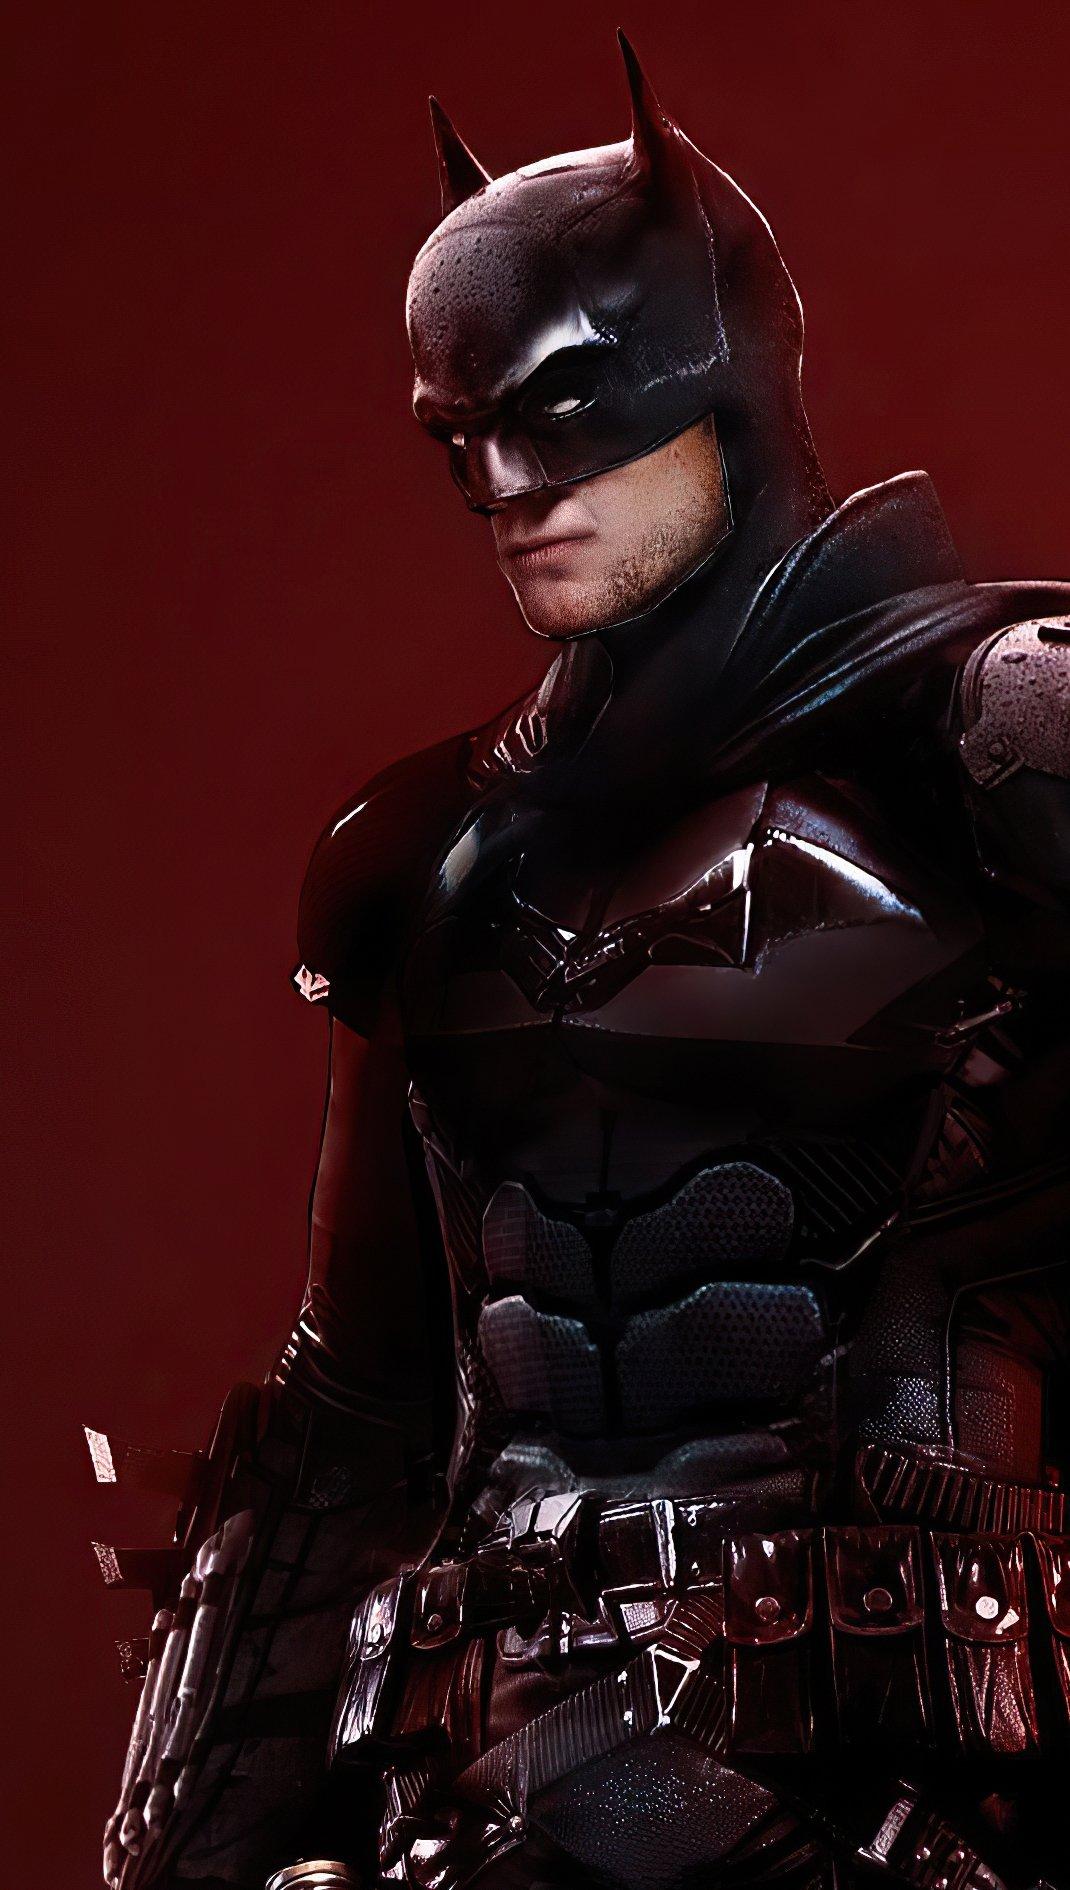 Wallpaper Robert Pattinson as Batman 2021 Vertical